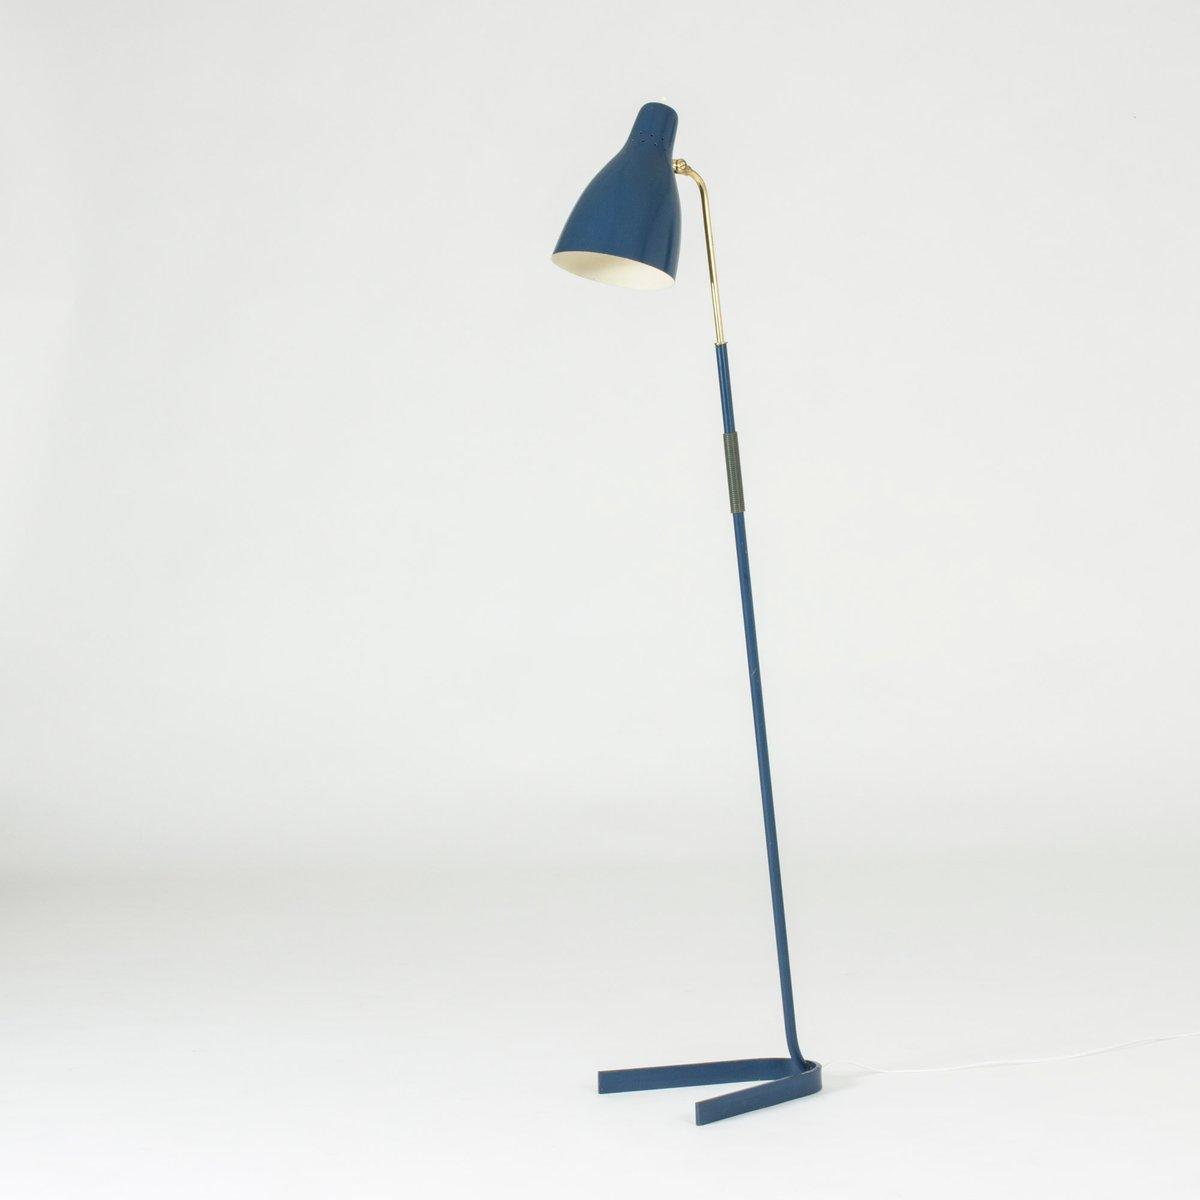 Stehlampe aus lackiertem Metall von Boréns, 1950er